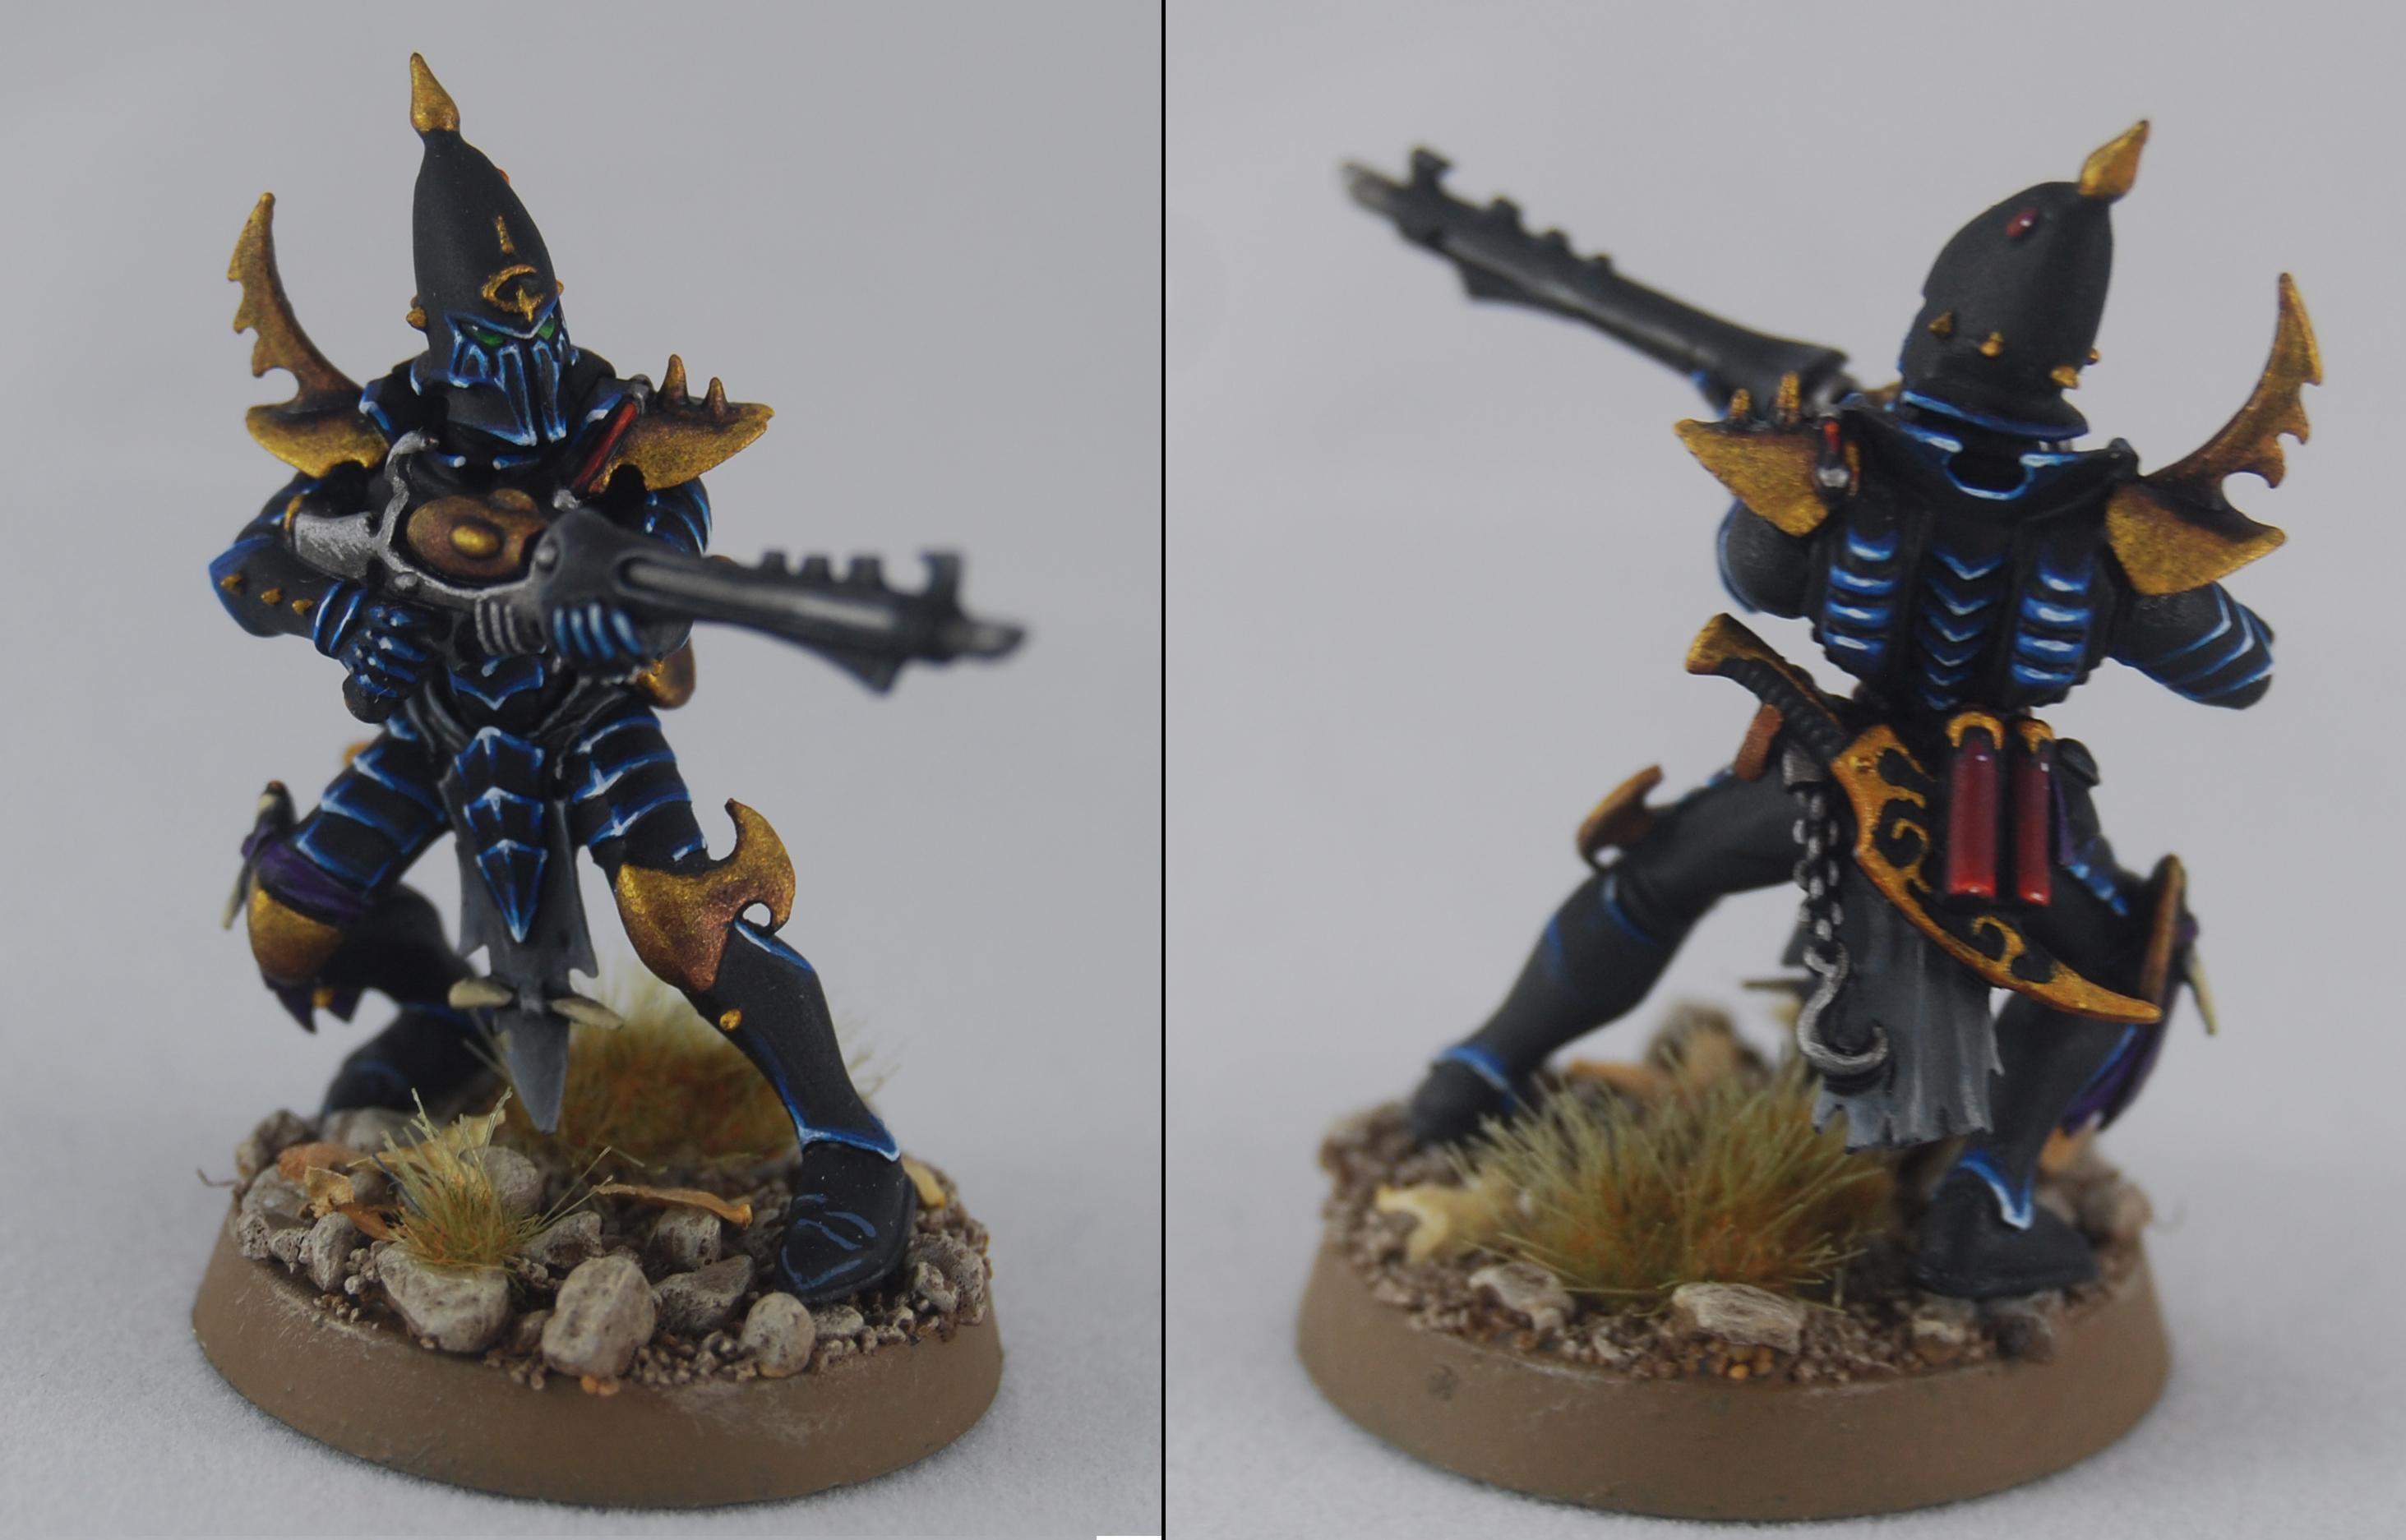 Dark Eldar, Drukhari, Kabalite Warrior, Warhammer 40,000